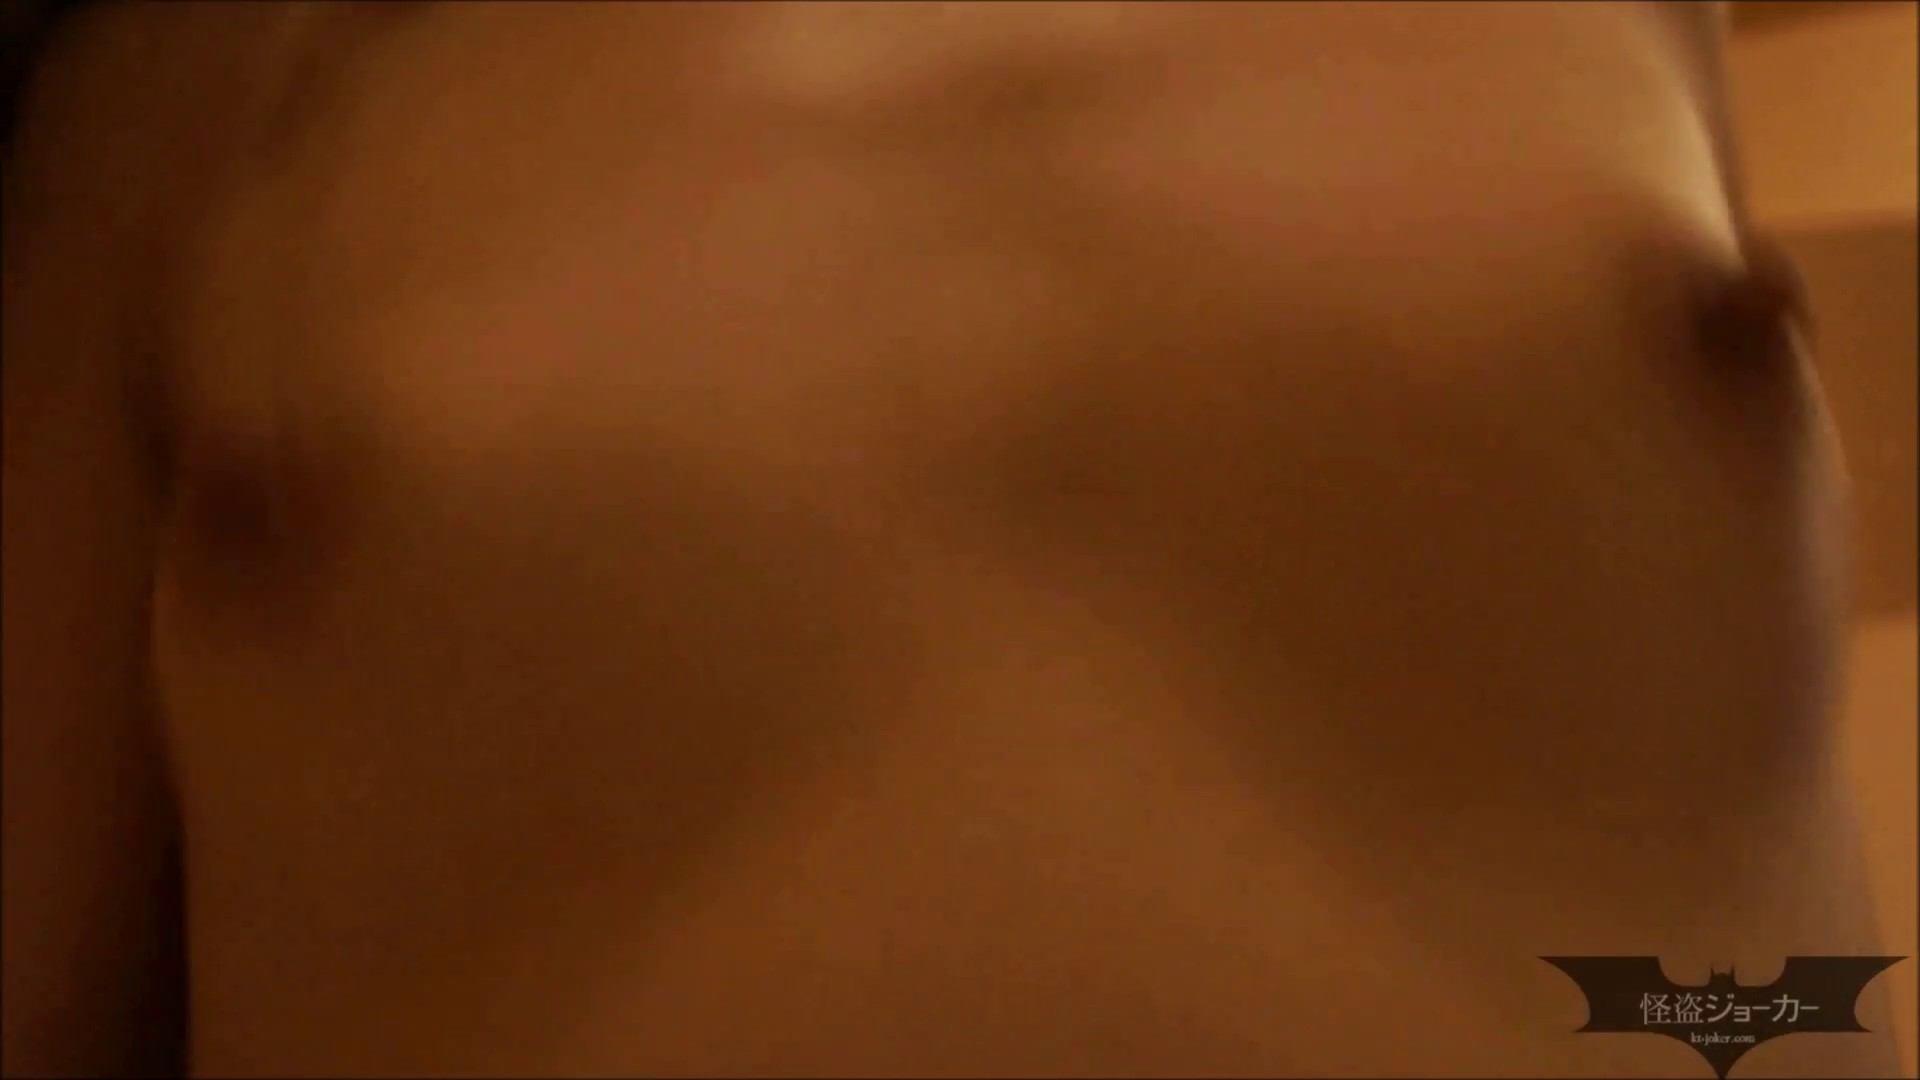 【未公開】vol.20 セレブ美魔女・カリソメの笑顔。最後の交わり...生中出し エッチなOL  93枚 80